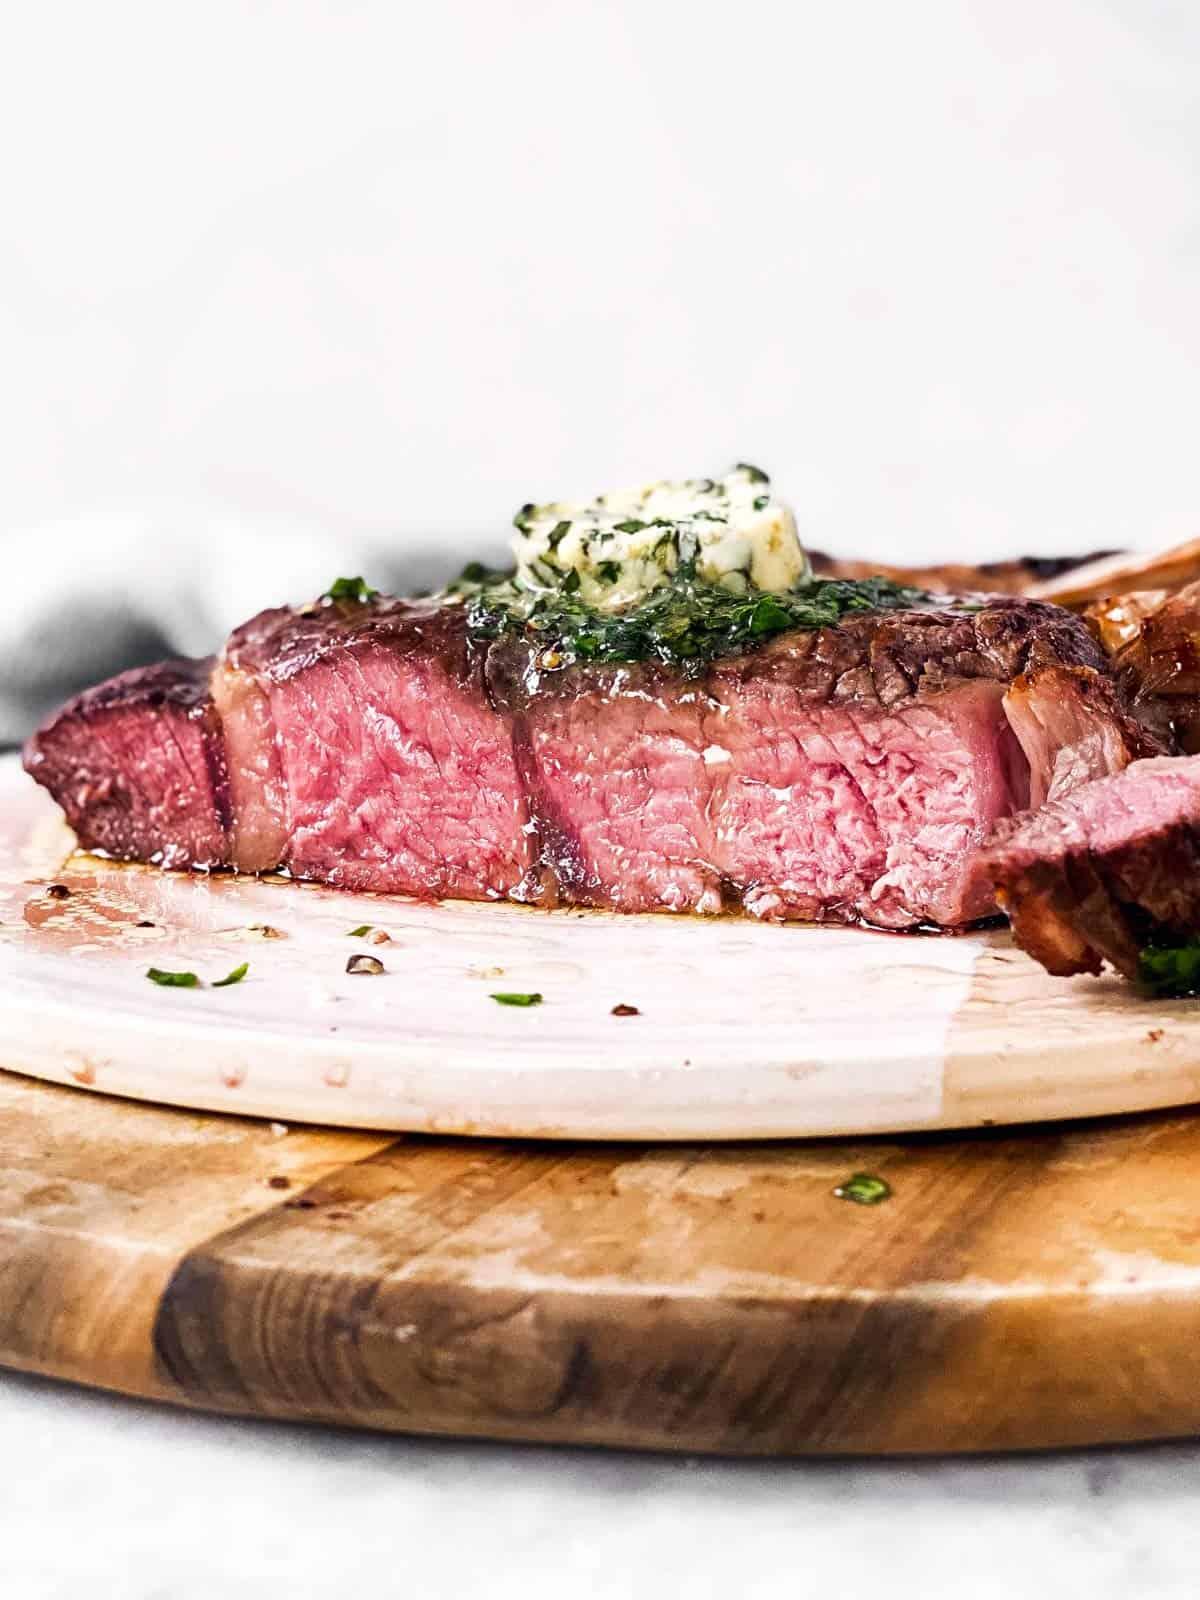 sliced open steak on platter